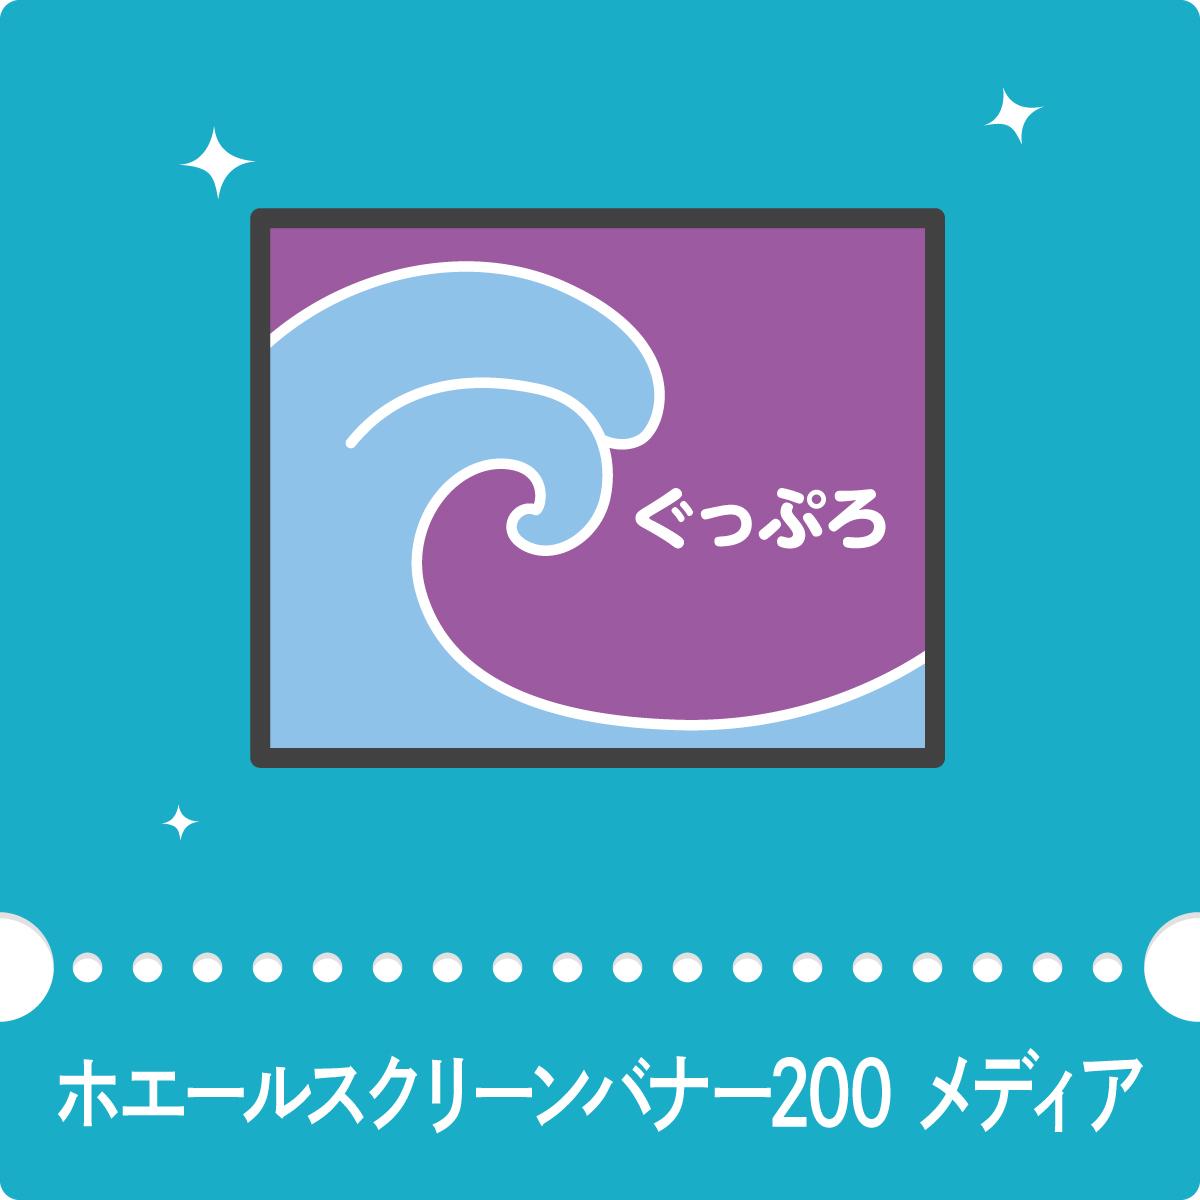 ホエールロールスクリーンバナー200専用メディア